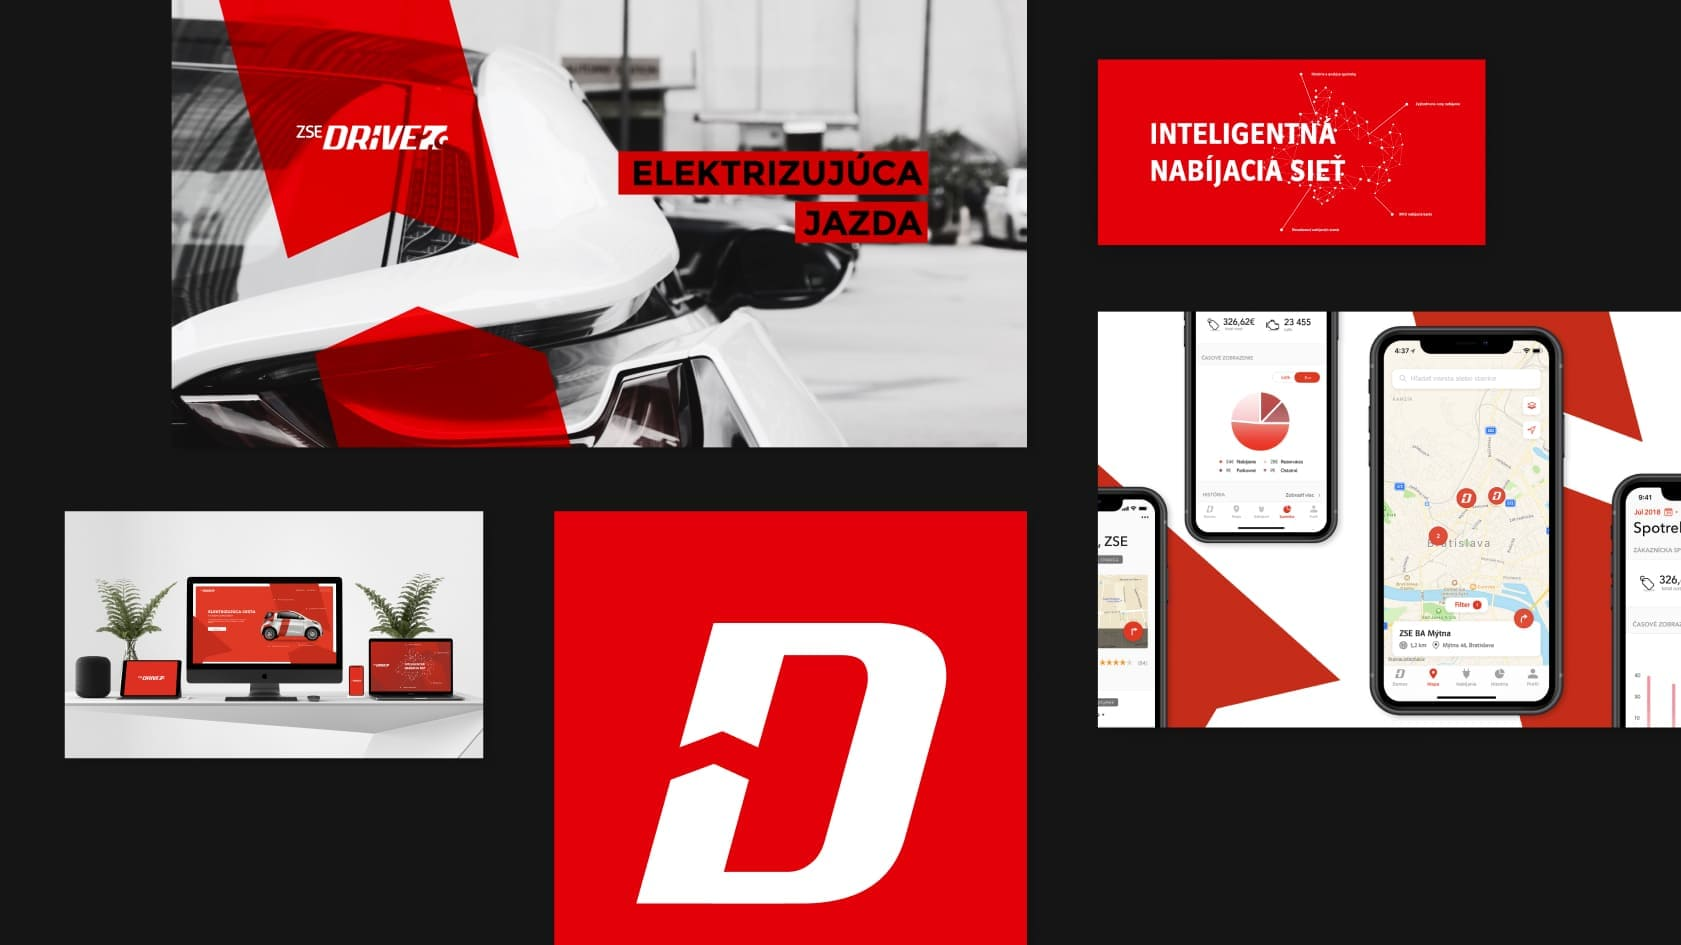 multiplatform app for e-mobility